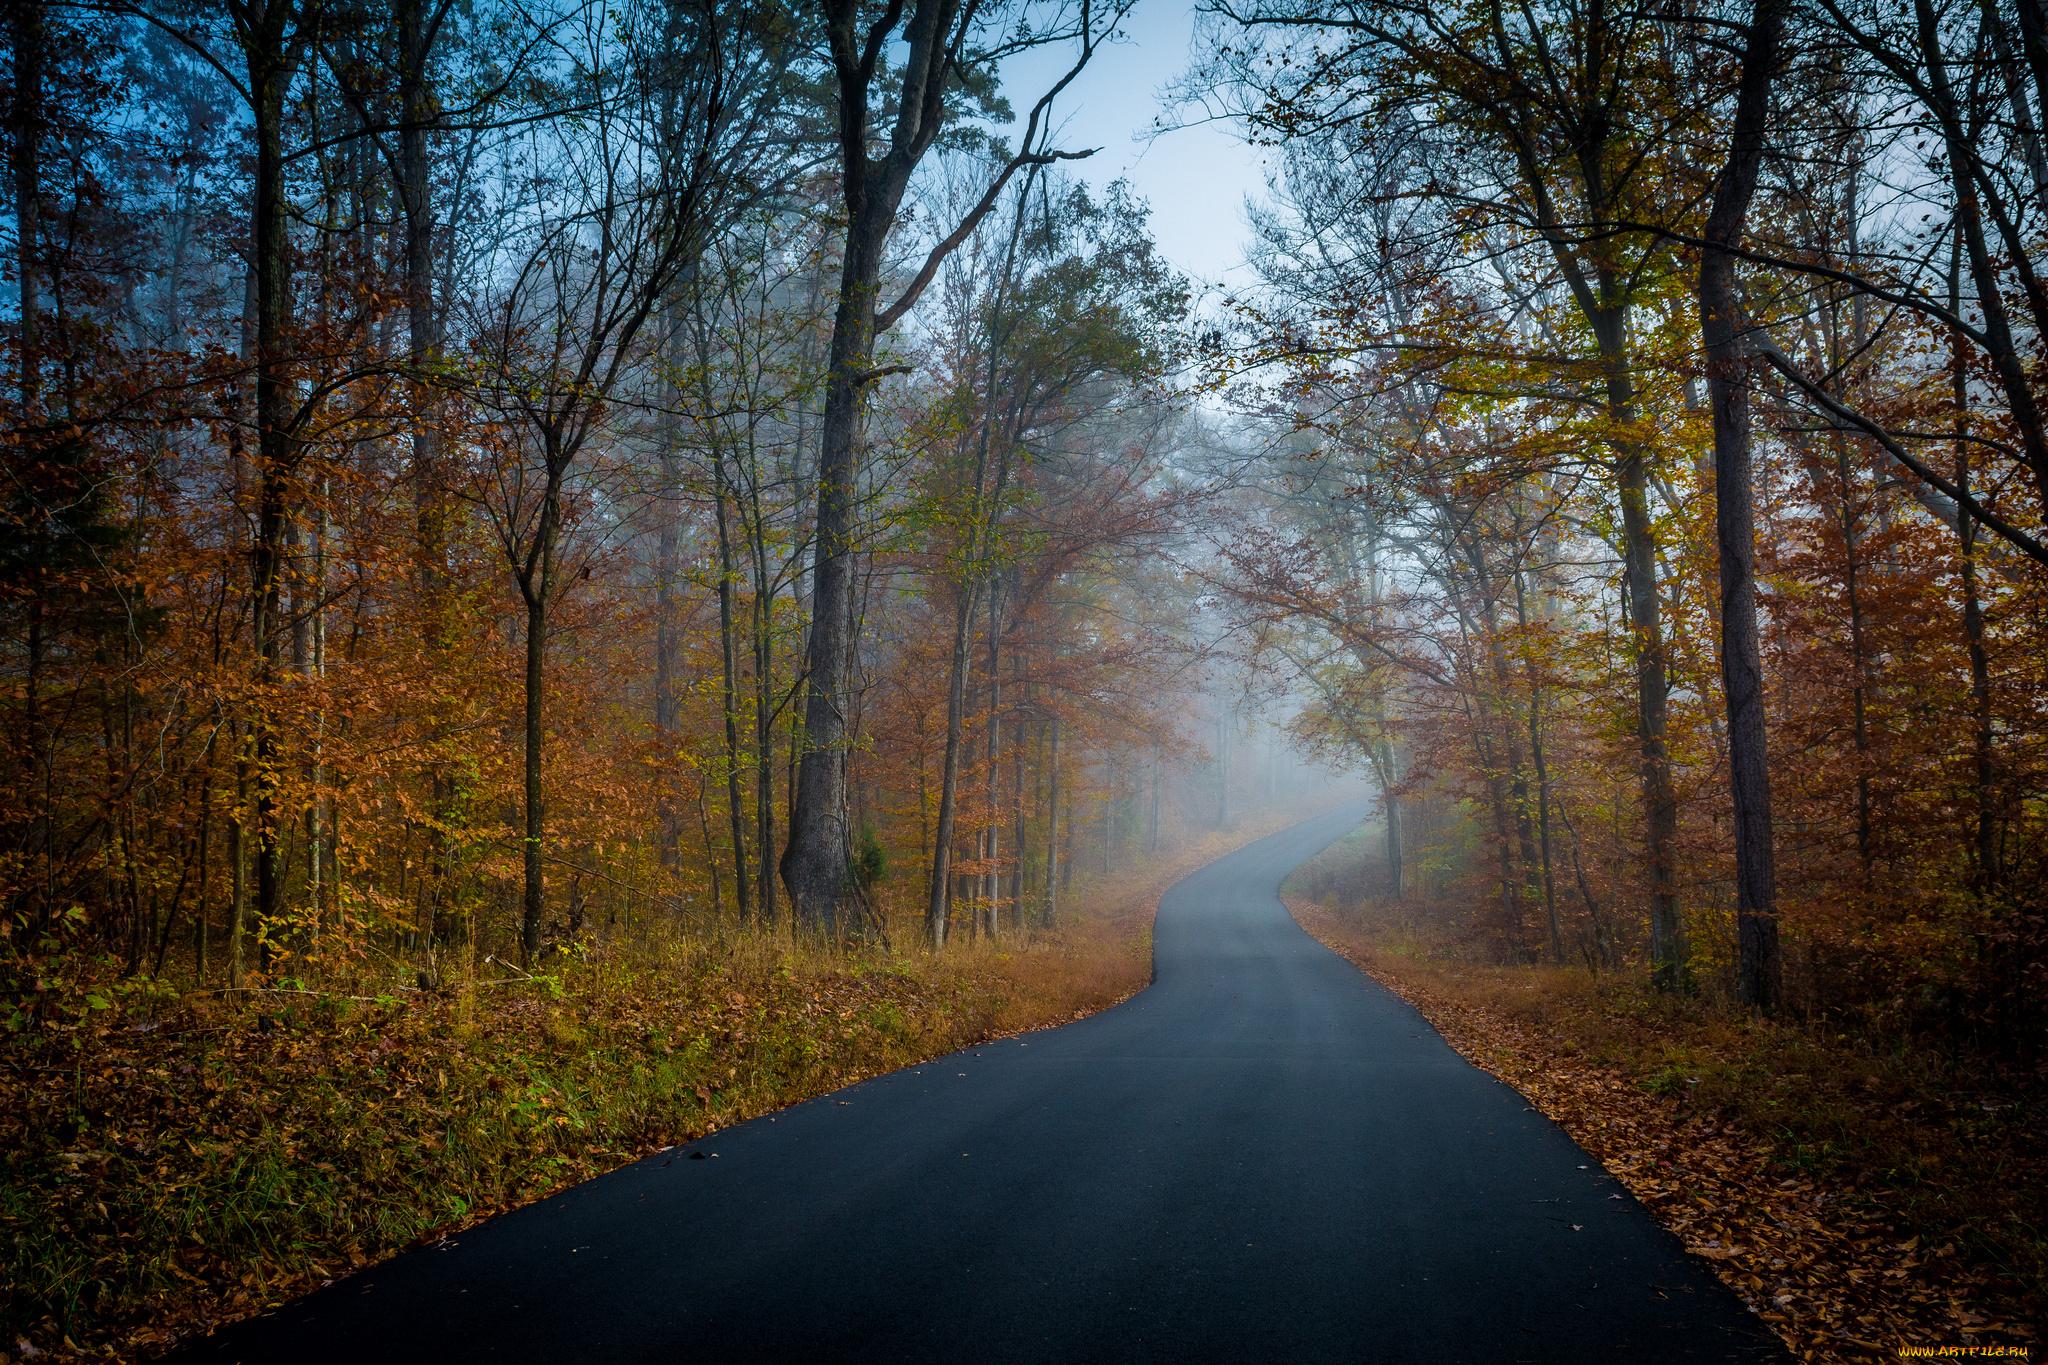 автомобиль осень лес дорога  № 3771420 загрузить